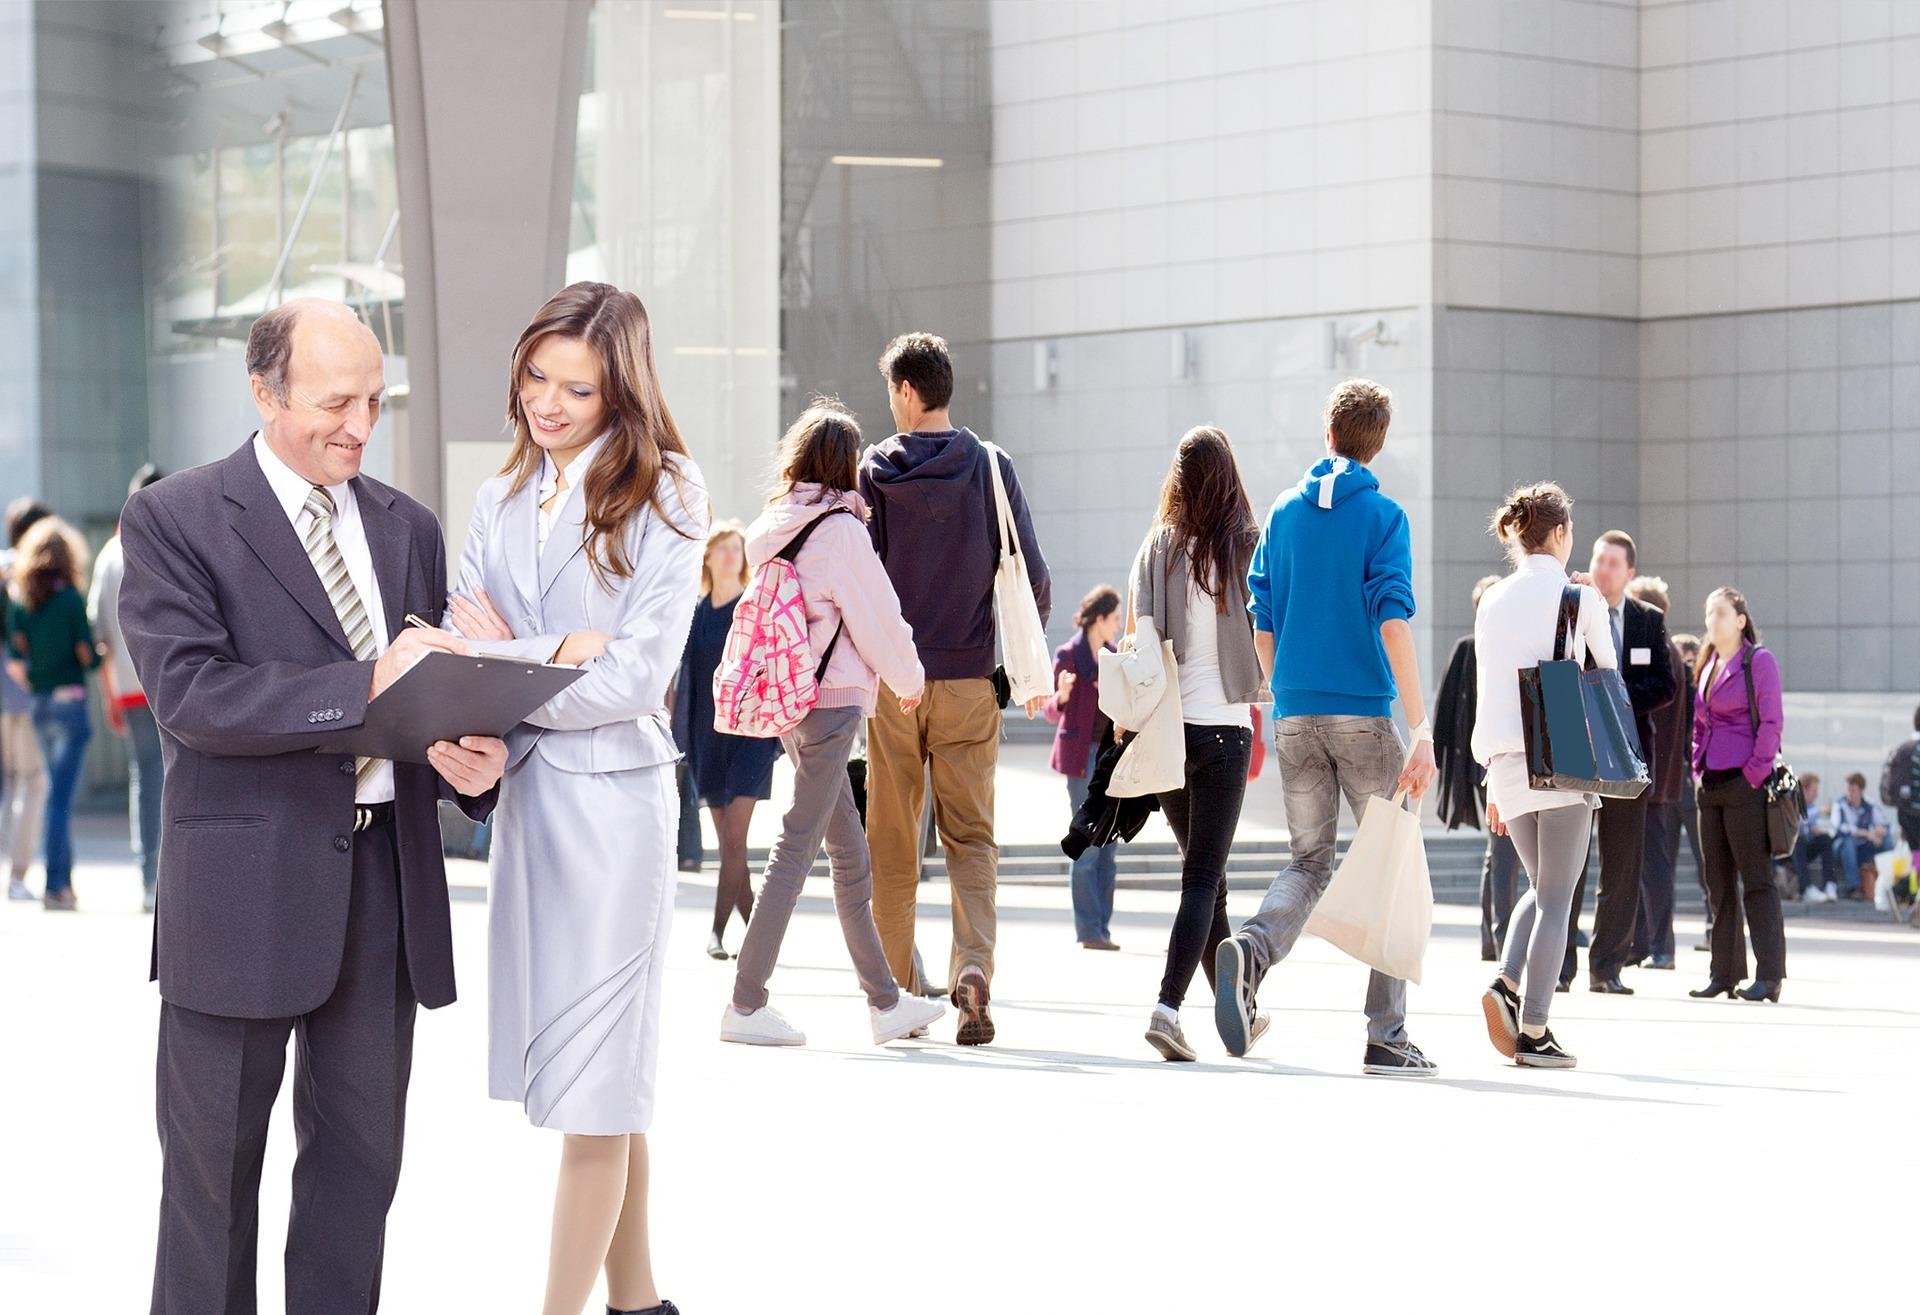 Le bien-être au travail - Votre relation avec les autres se veut bonne